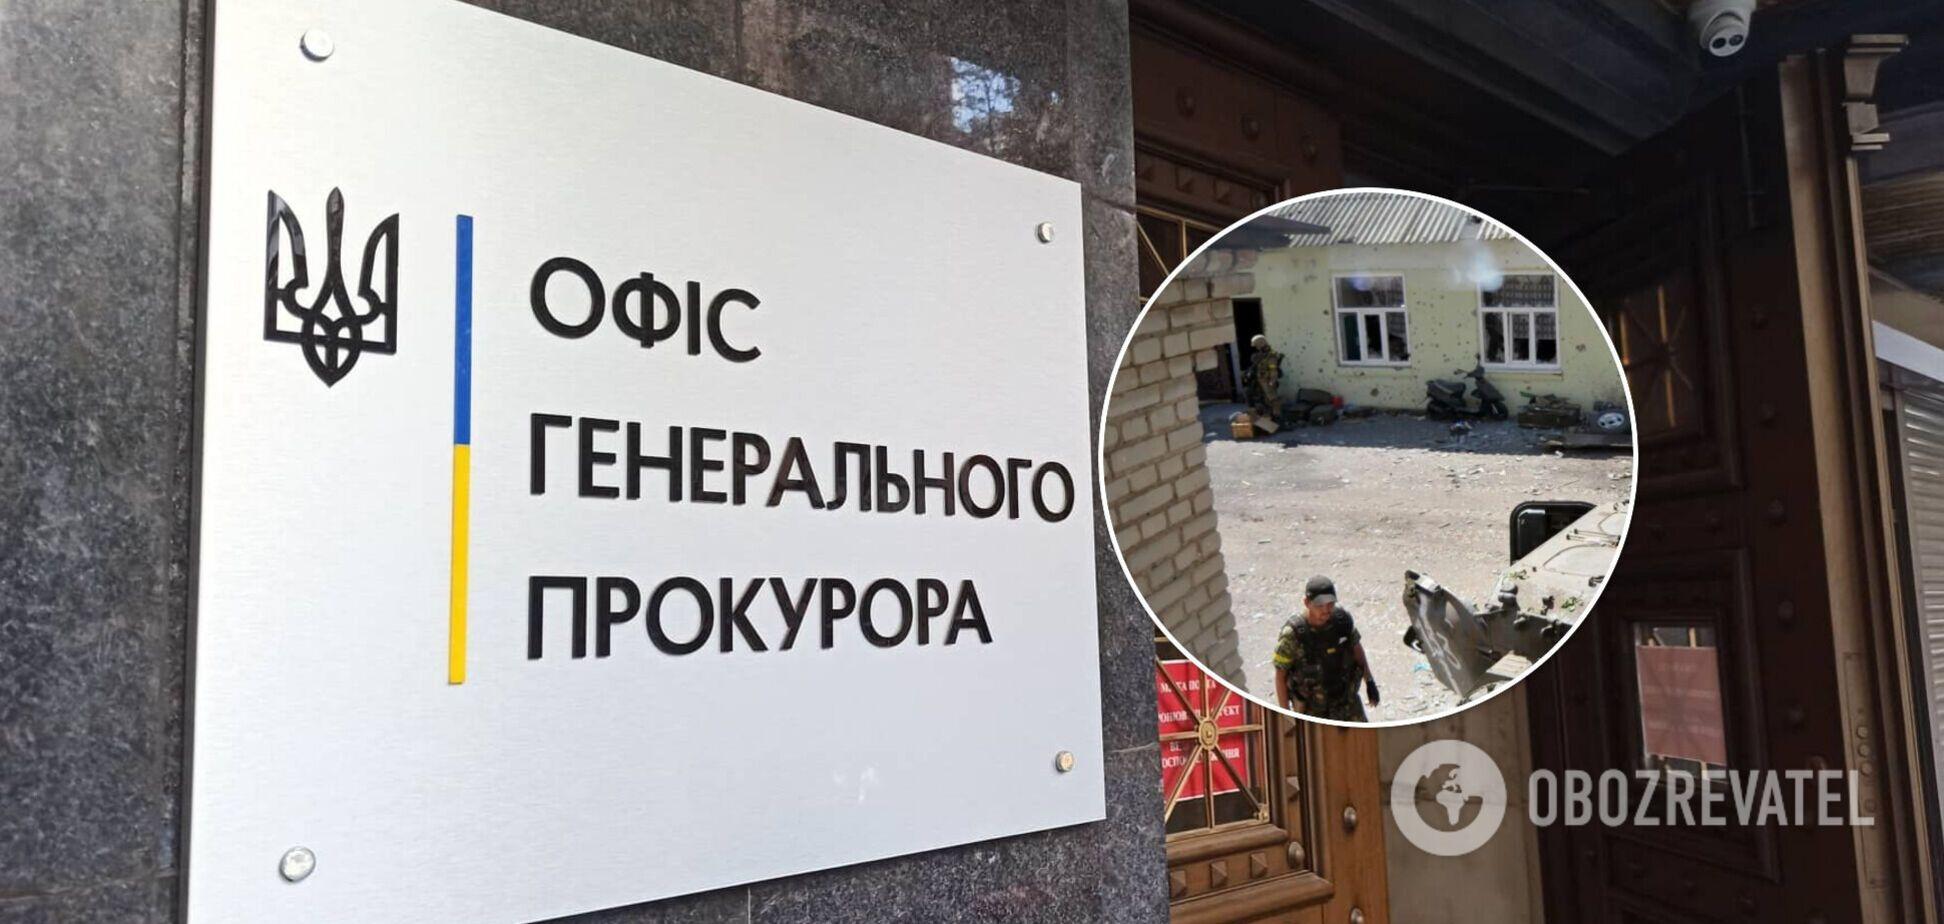 ОГП – о расследовании Иловайской трагедии: ошибки командования АТО не связаны с гибелью военных